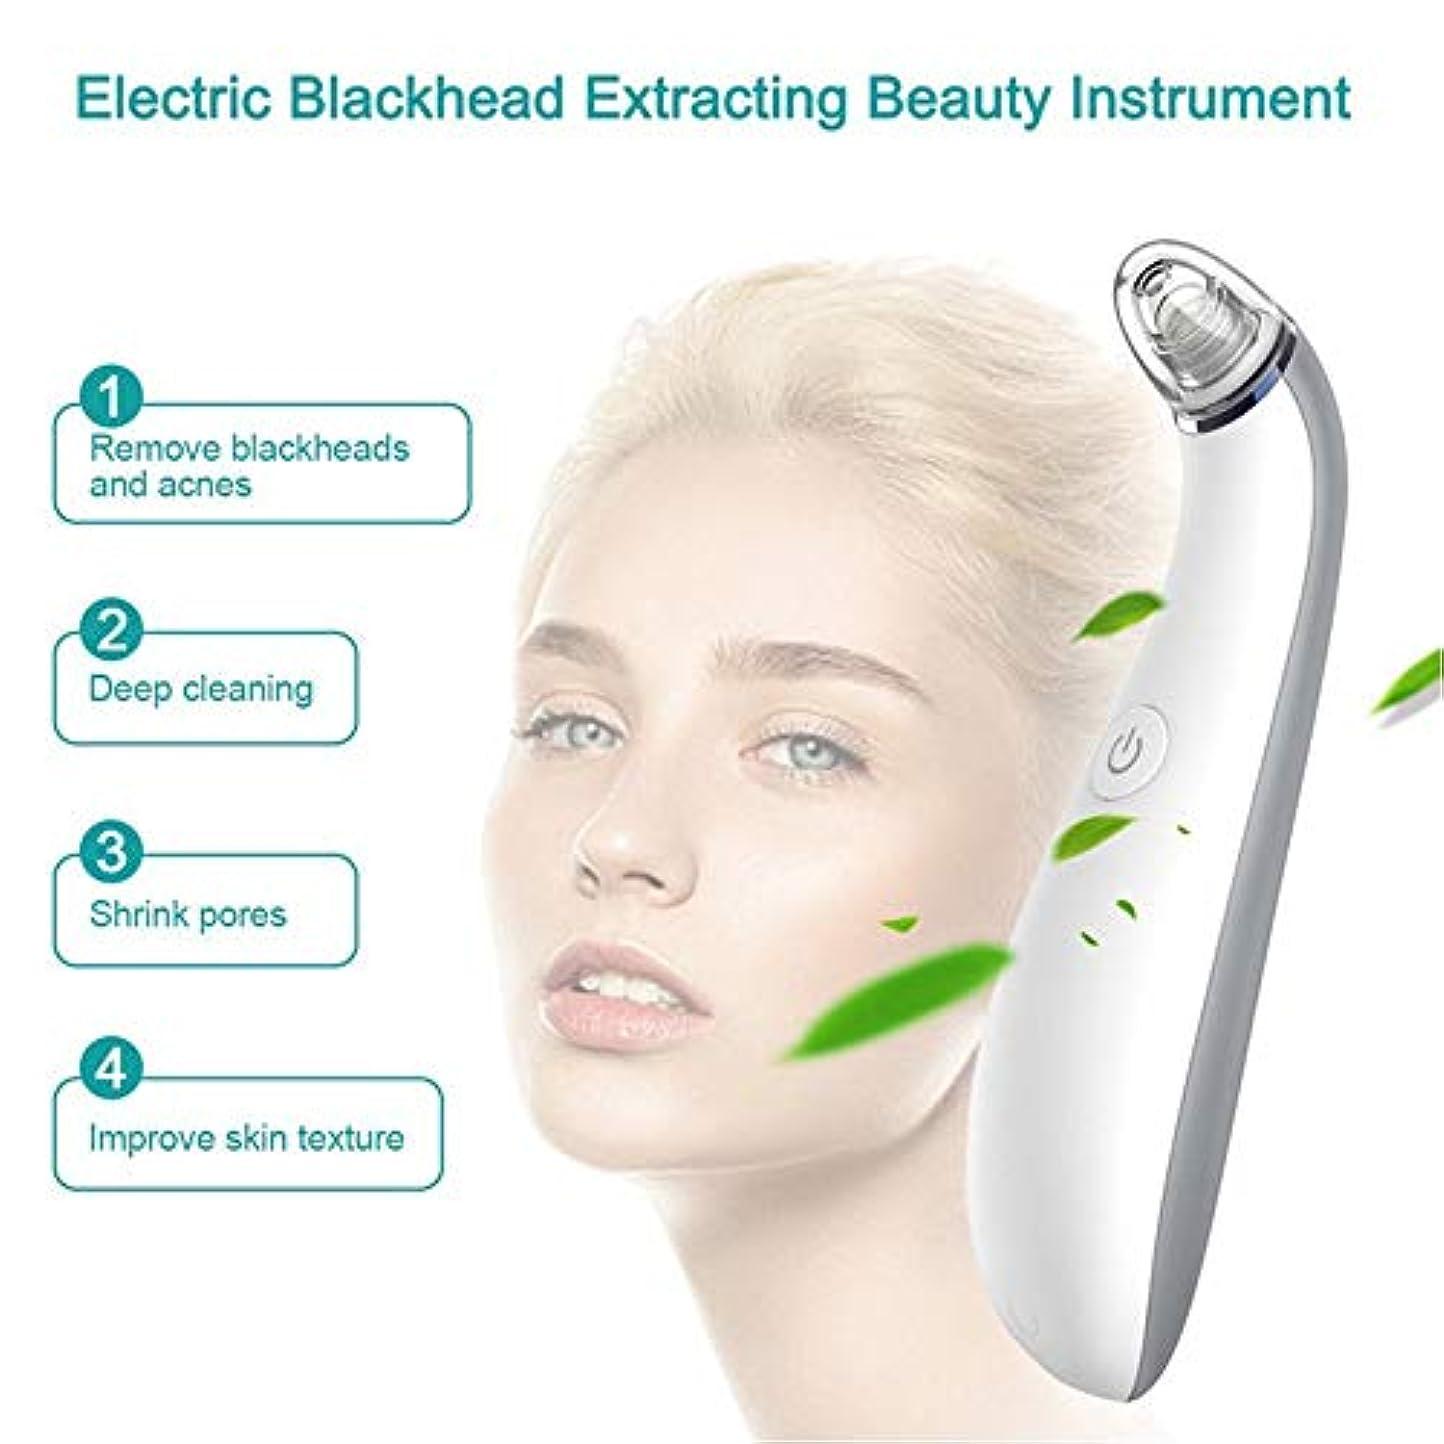 クレーターコンテンツ保全気孔の真空の深くきれいな、皮膚健康のための電気顔の安定した吸引のスキンケア用具4取り替え可能な吸引の頭部USB再充電可能